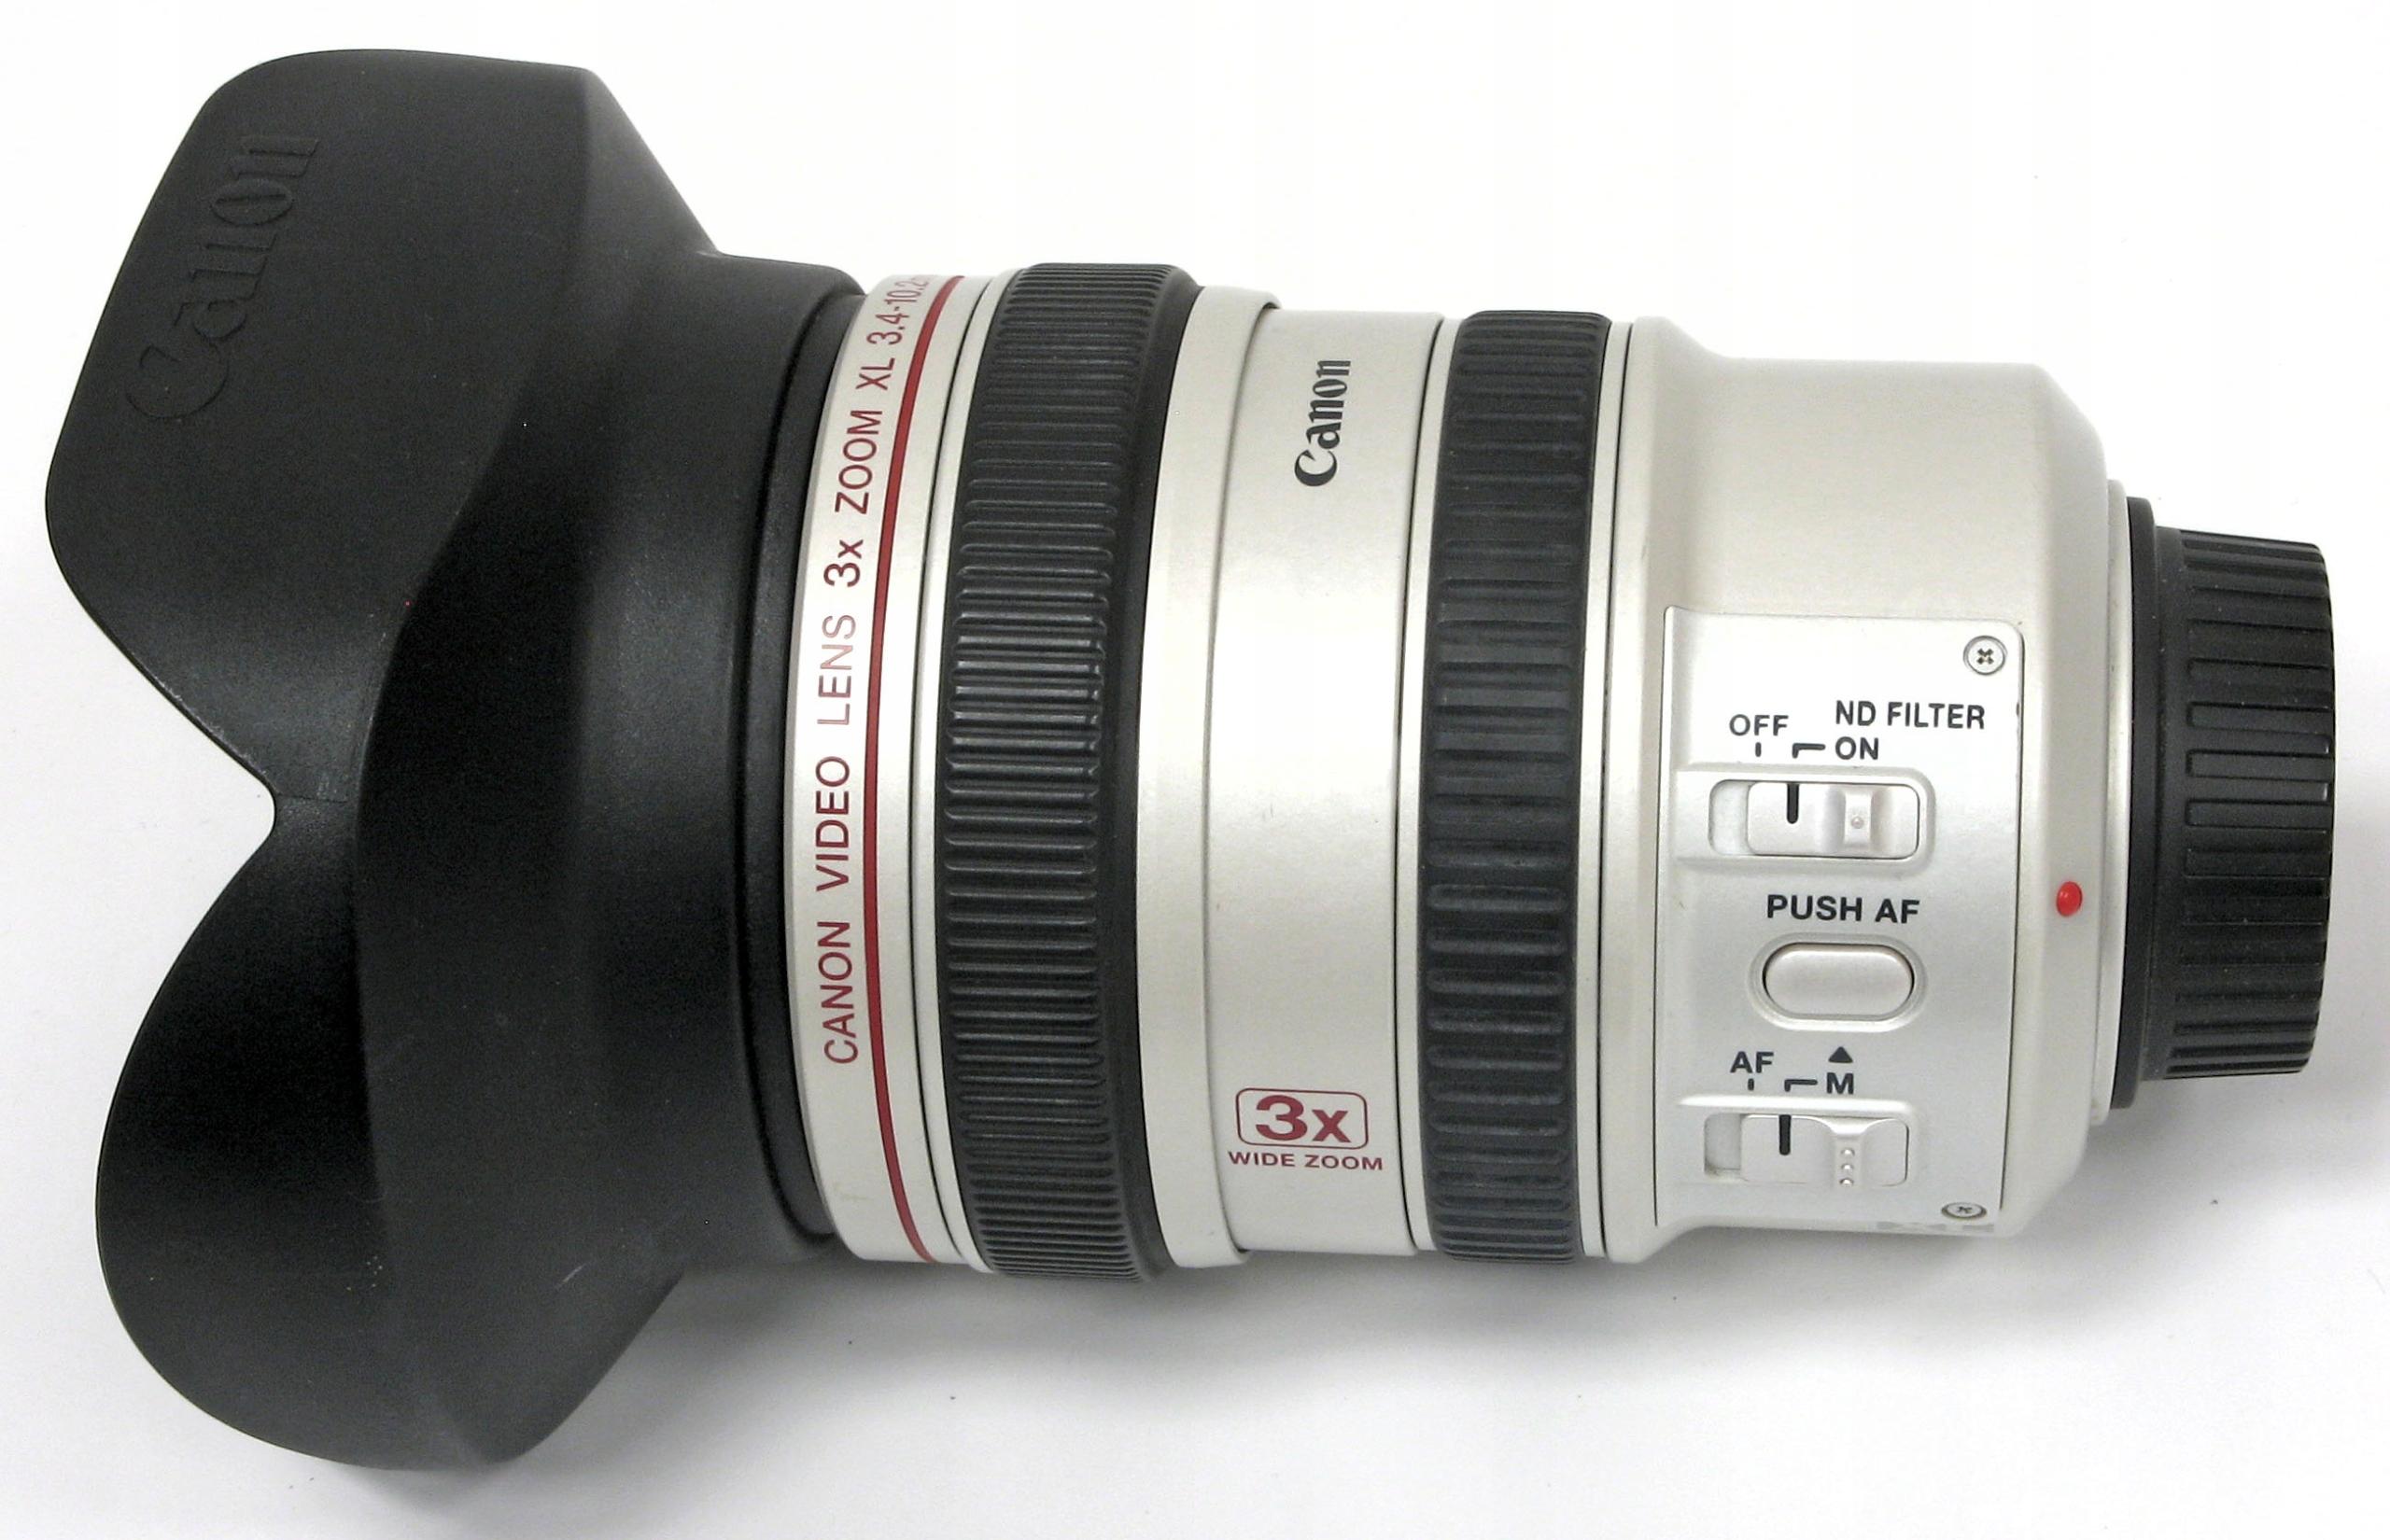 obiektyw szerokokątny Canon 3x ZOOM XL 3.4-10.2 mm